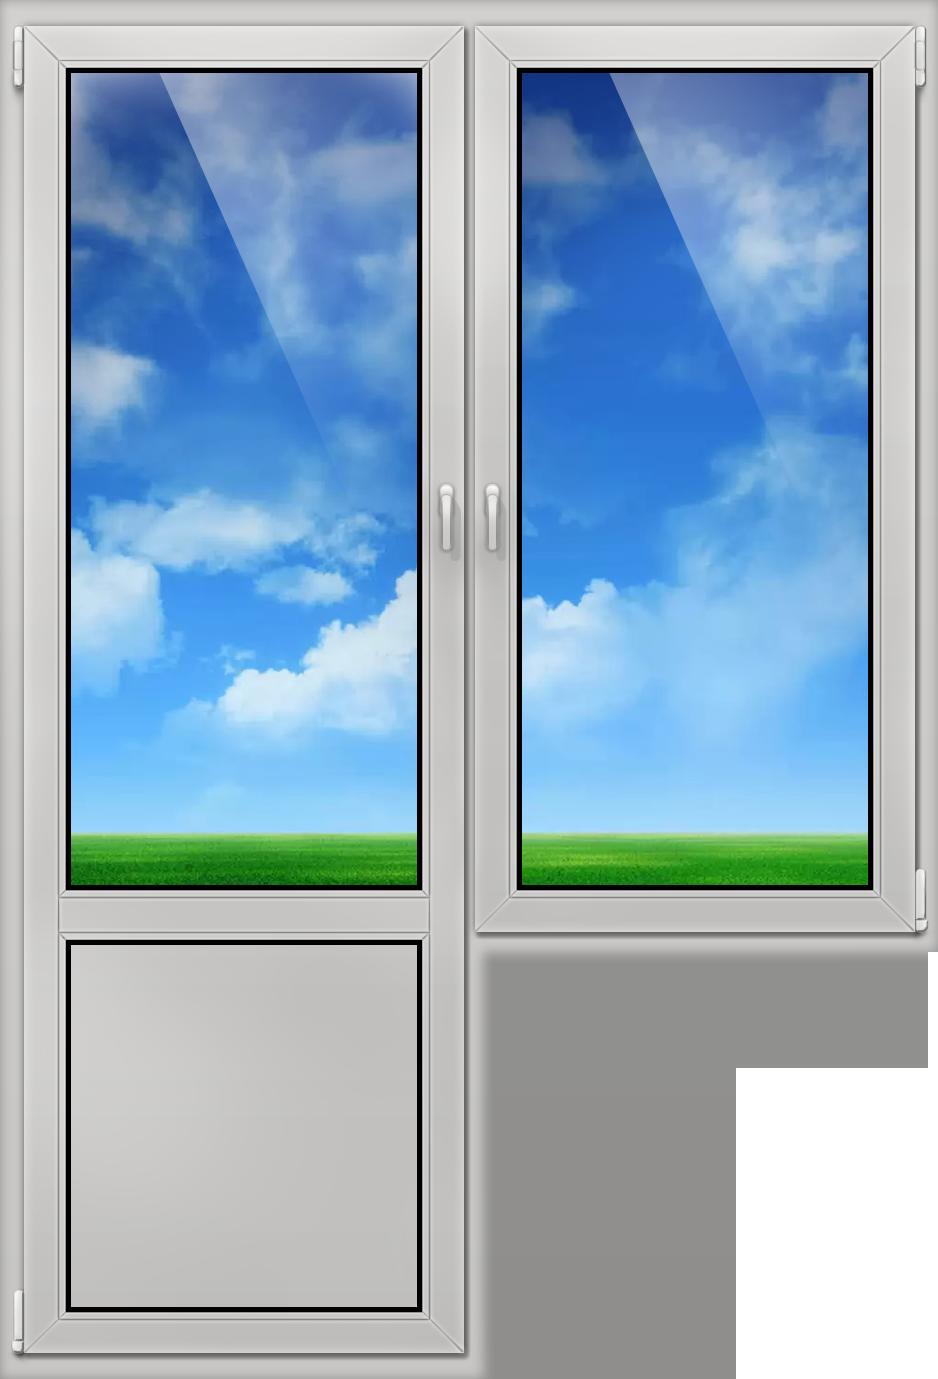 картинки к визиткам пластиковым окнами приличия появления